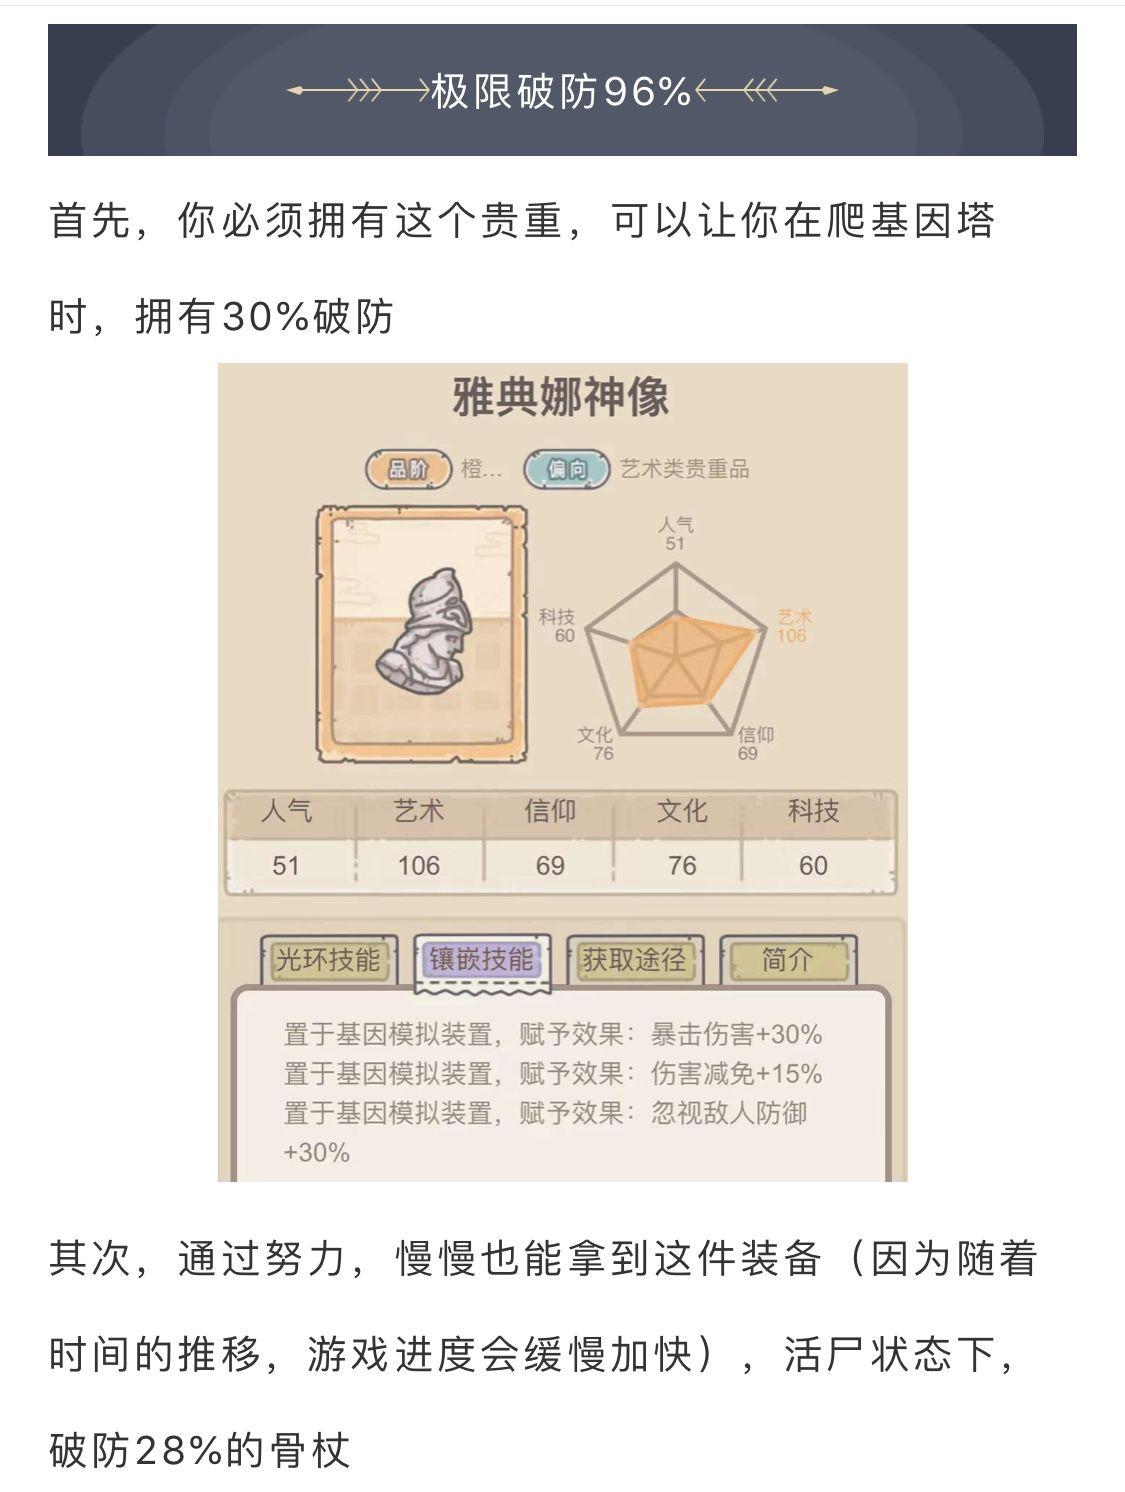 《最强蜗牛》极限破防相关介绍